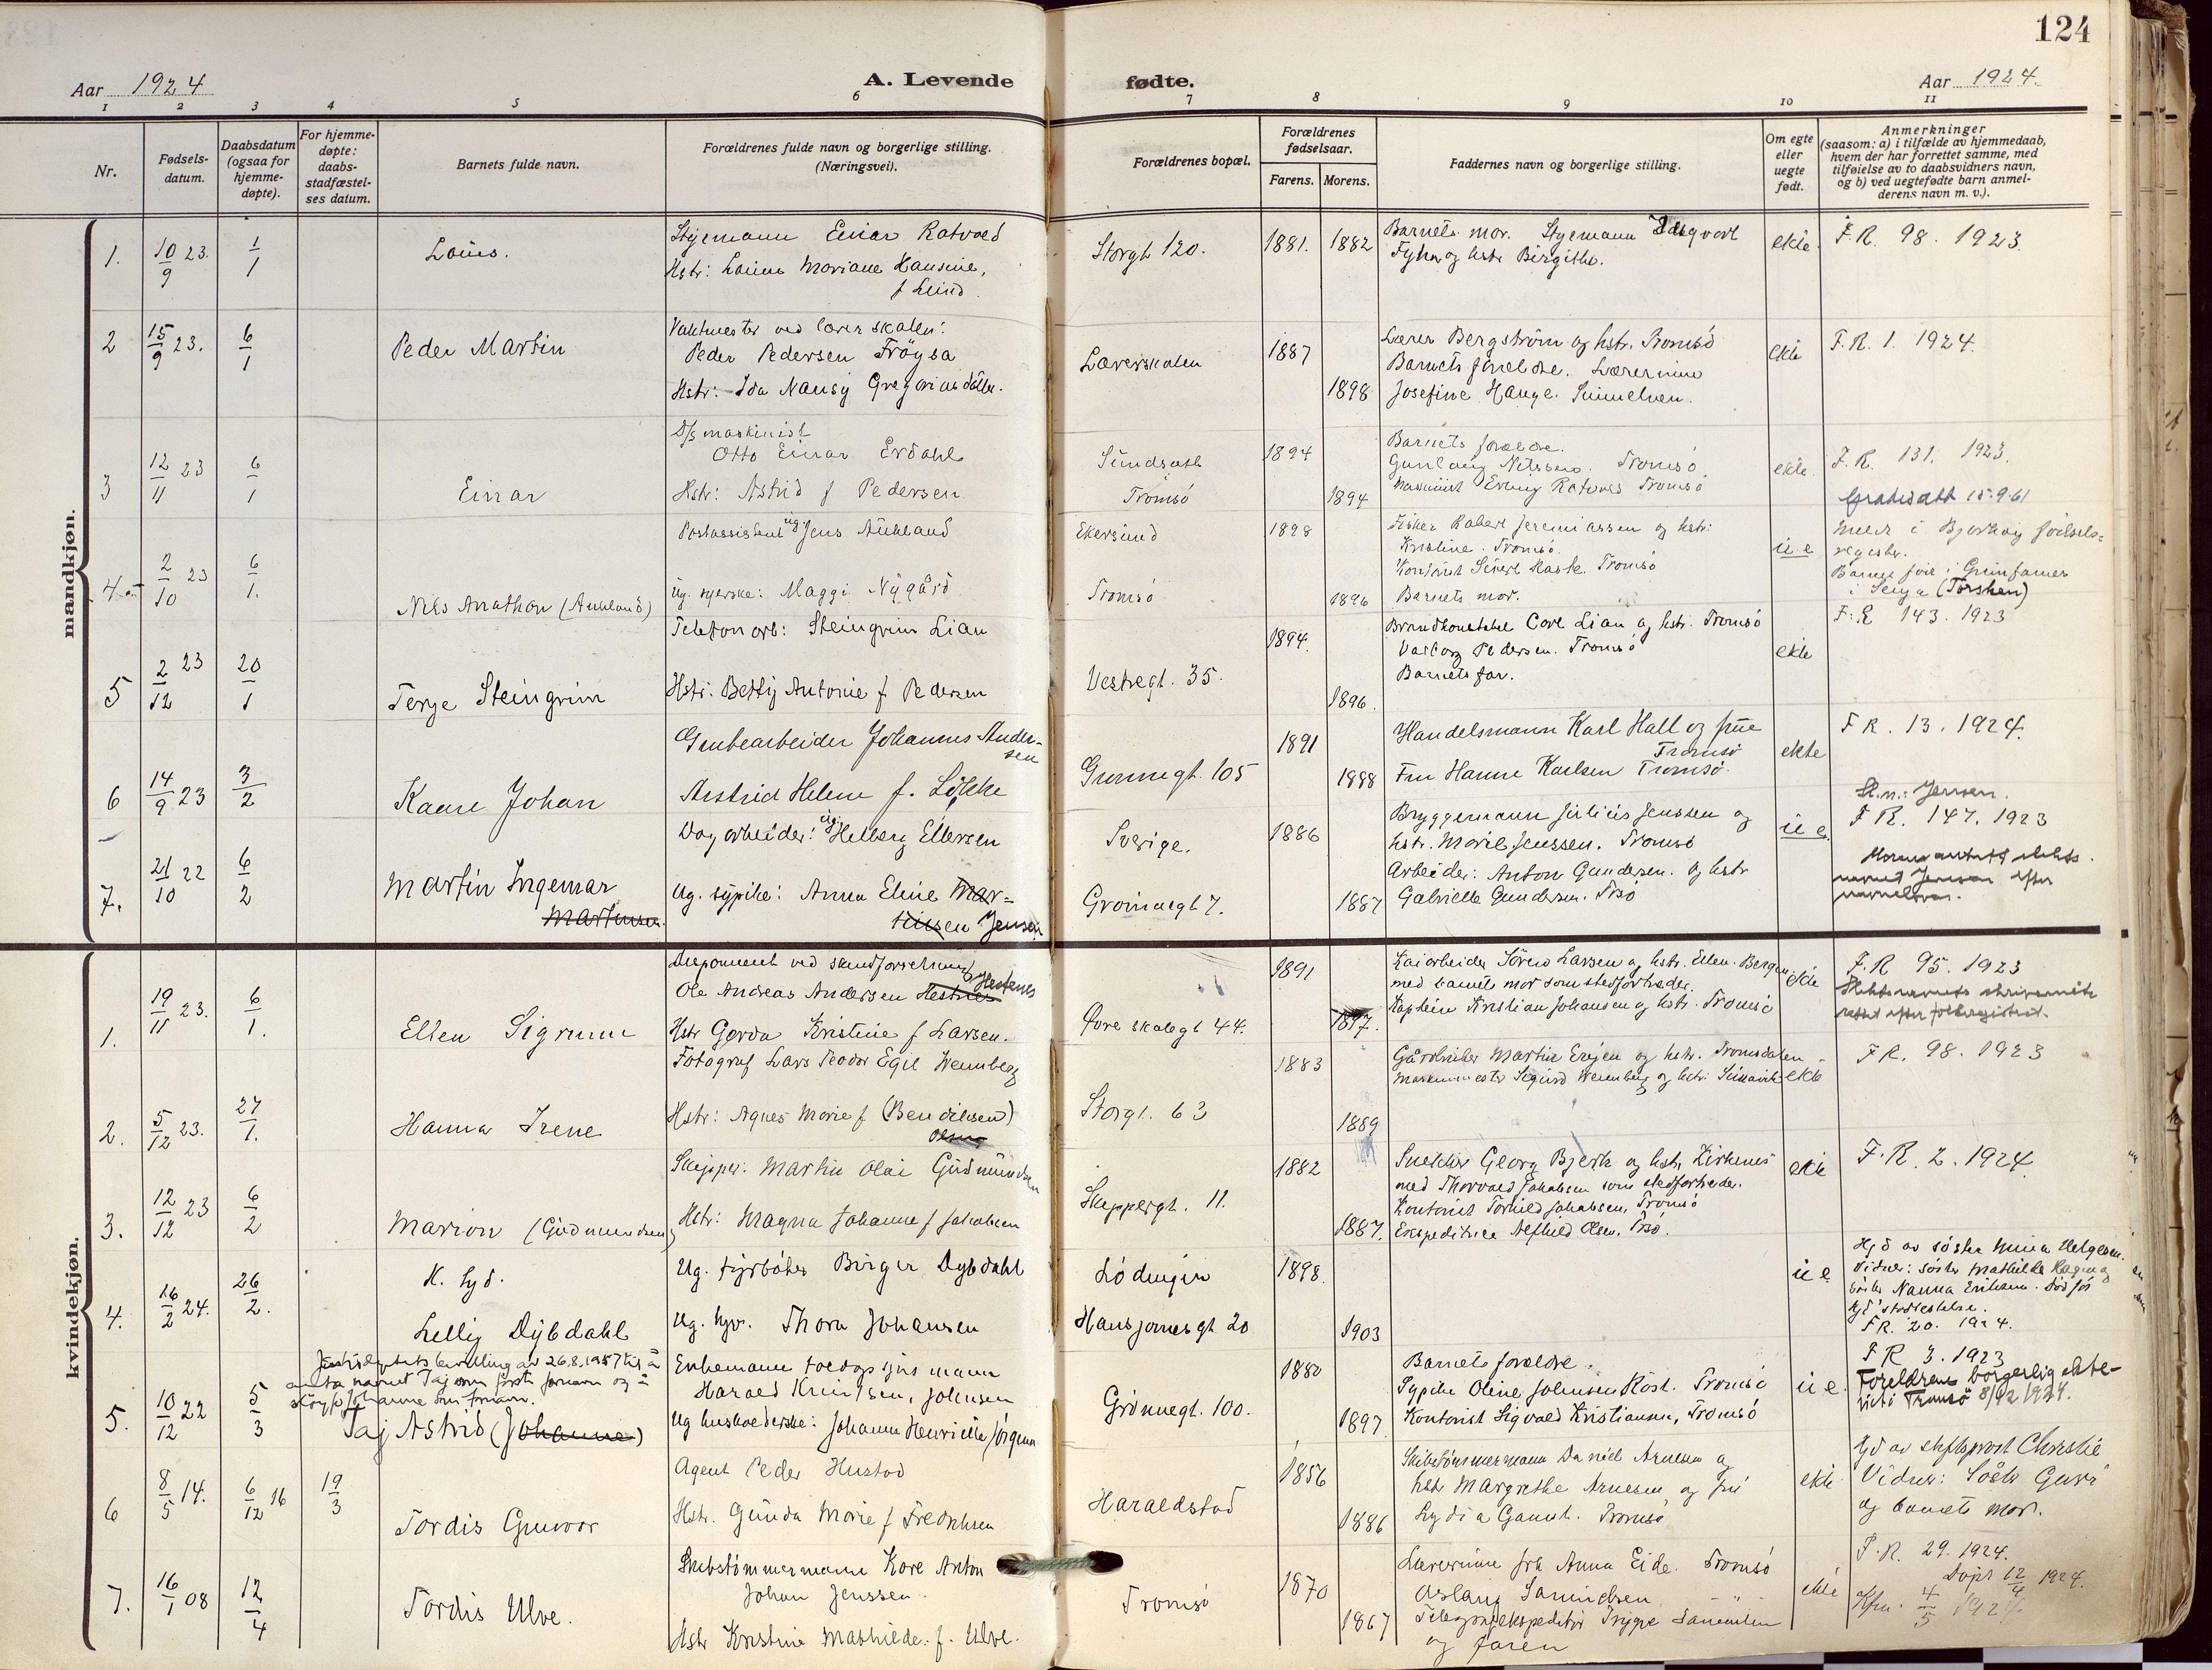 SATØ, Tromsø sokneprestkontor/stiftsprosti/domprosti, G/Ga/L0019kirke: Ministerialbok nr. 19, 1917-1927, s. 124